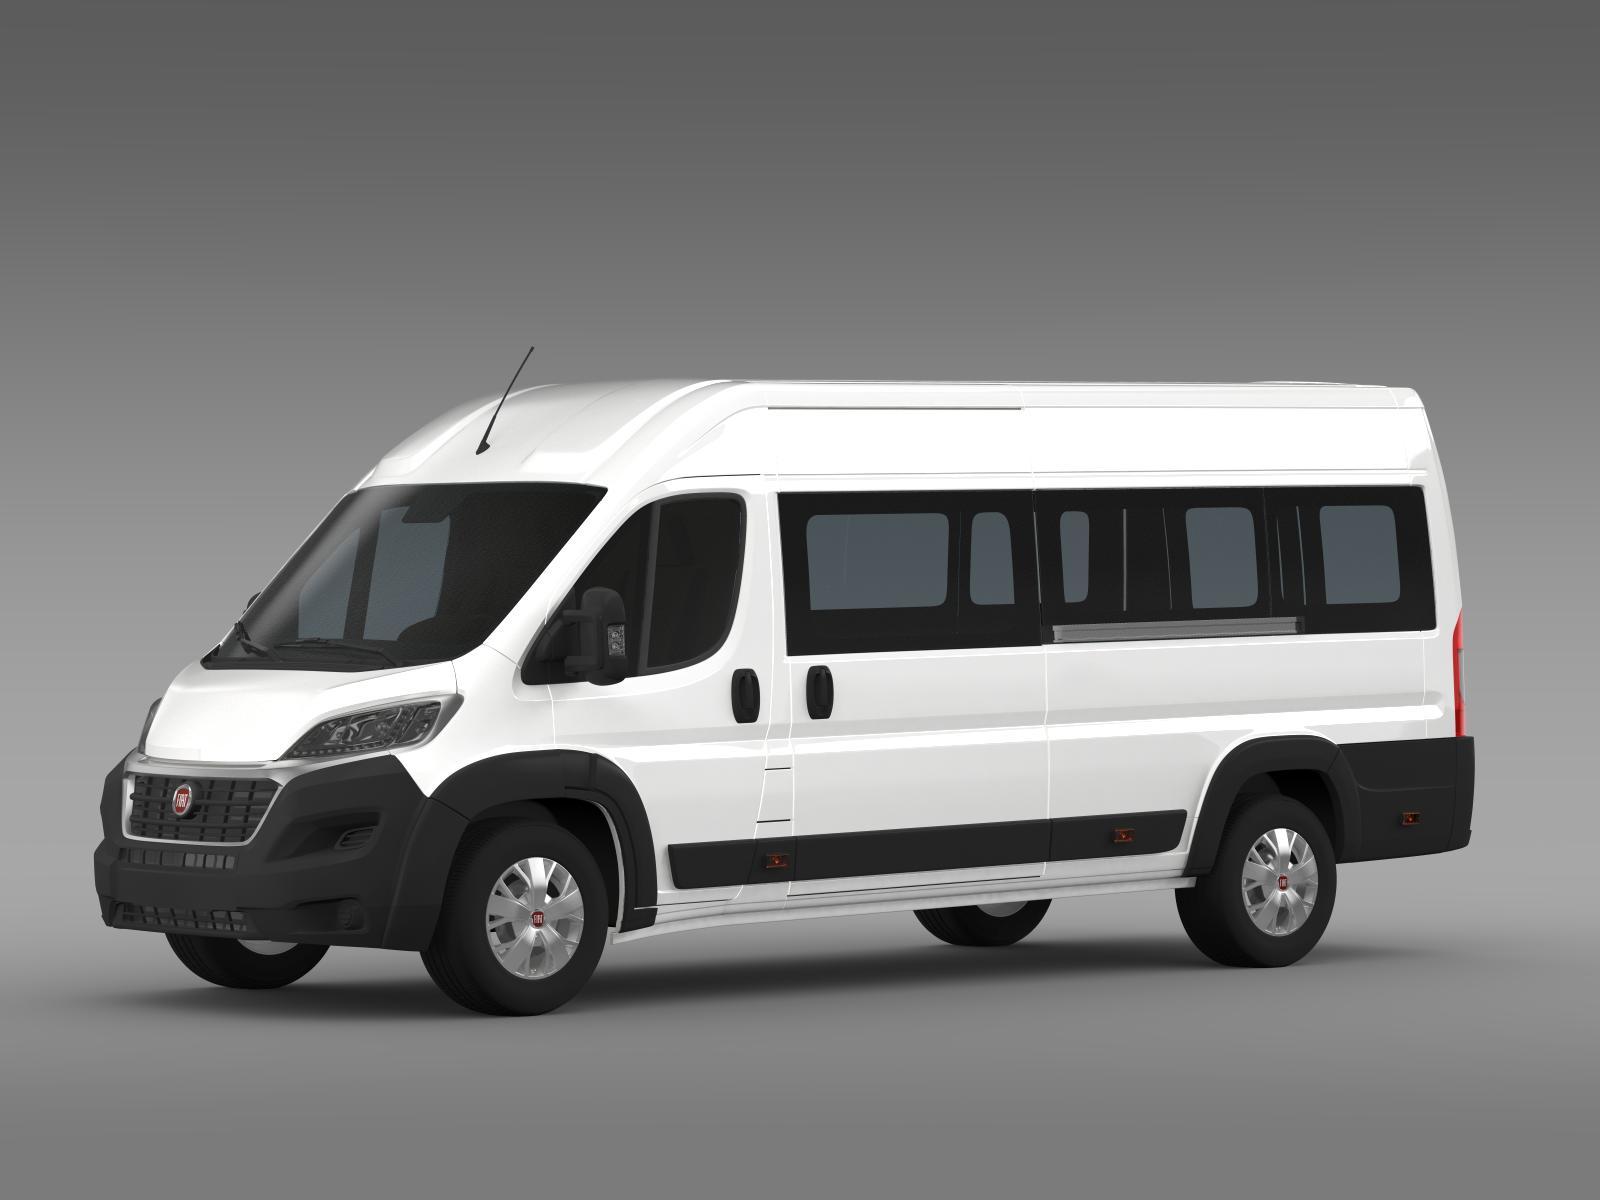 fiat ducato maxi minibus 2015 3d model. Black Bedroom Furniture Sets. Home Design Ideas